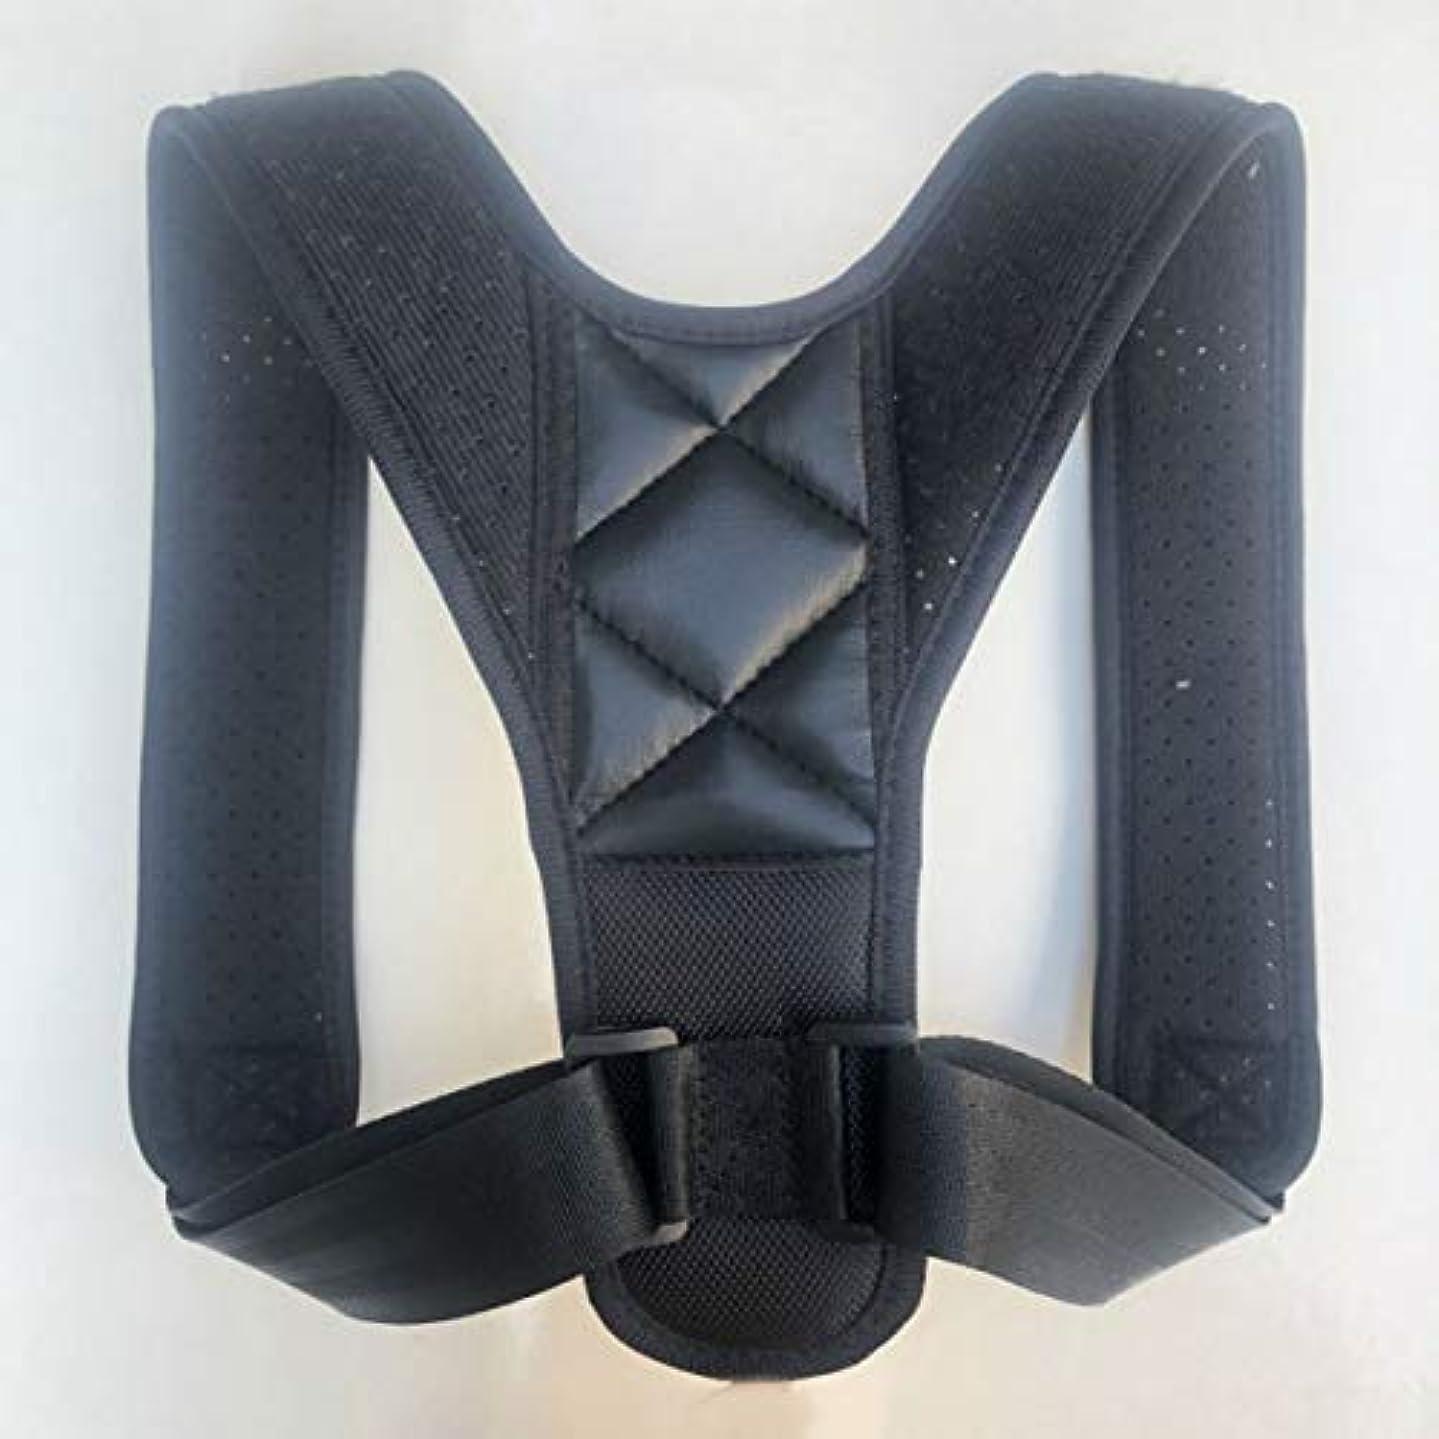 許容できるデンマークミキサーアッパーバックポスチャーコレクター姿勢鎖骨サポートコレクターバックストレートショルダーブレースストラップコレクター - ブラック